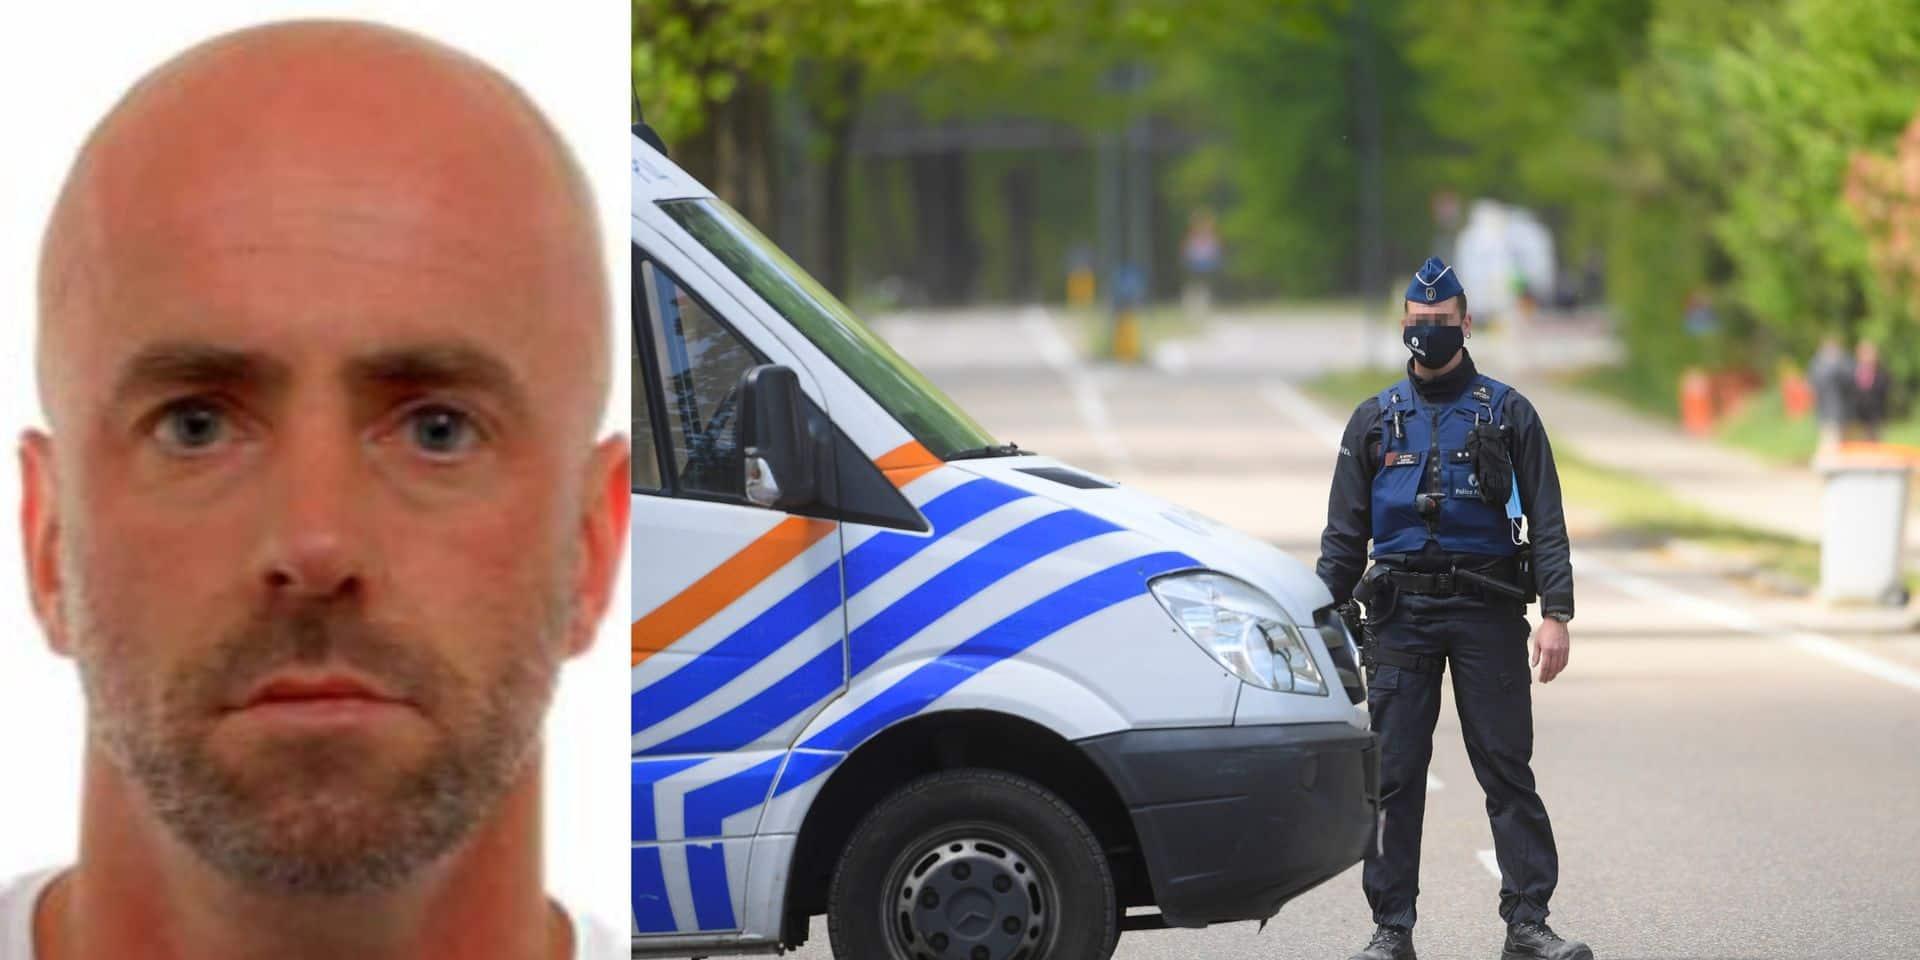 Chasse à l'homme : la police a déjà reçu 185 témoignages suite à l'avis de recherche concernant Jürgen Conings